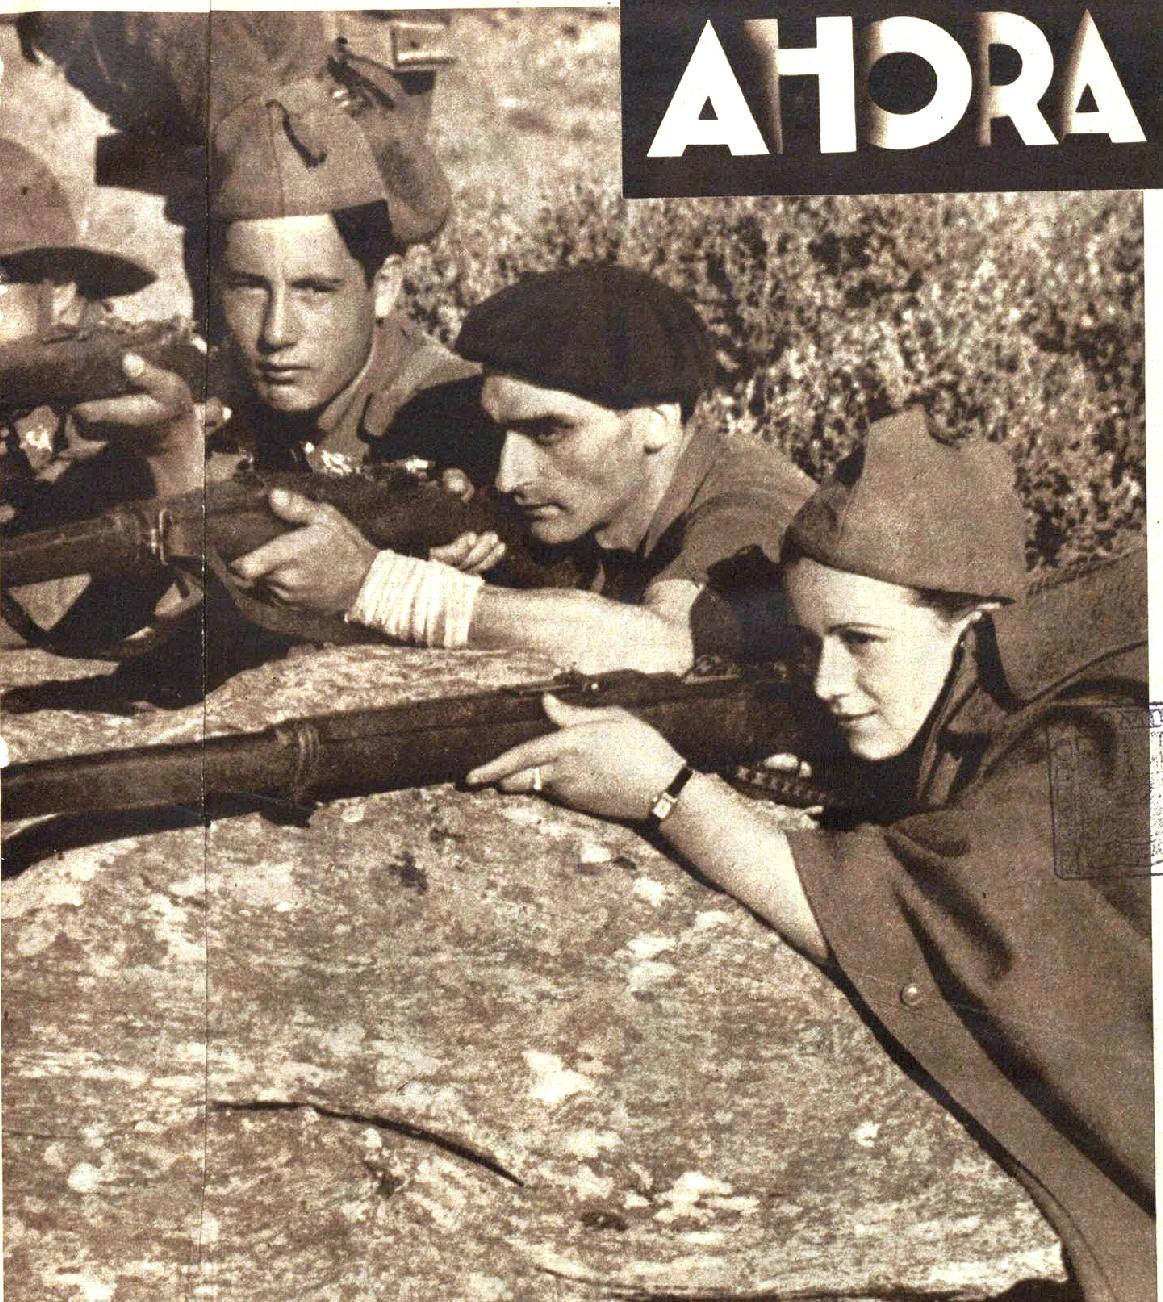 Ahora1agosto1936